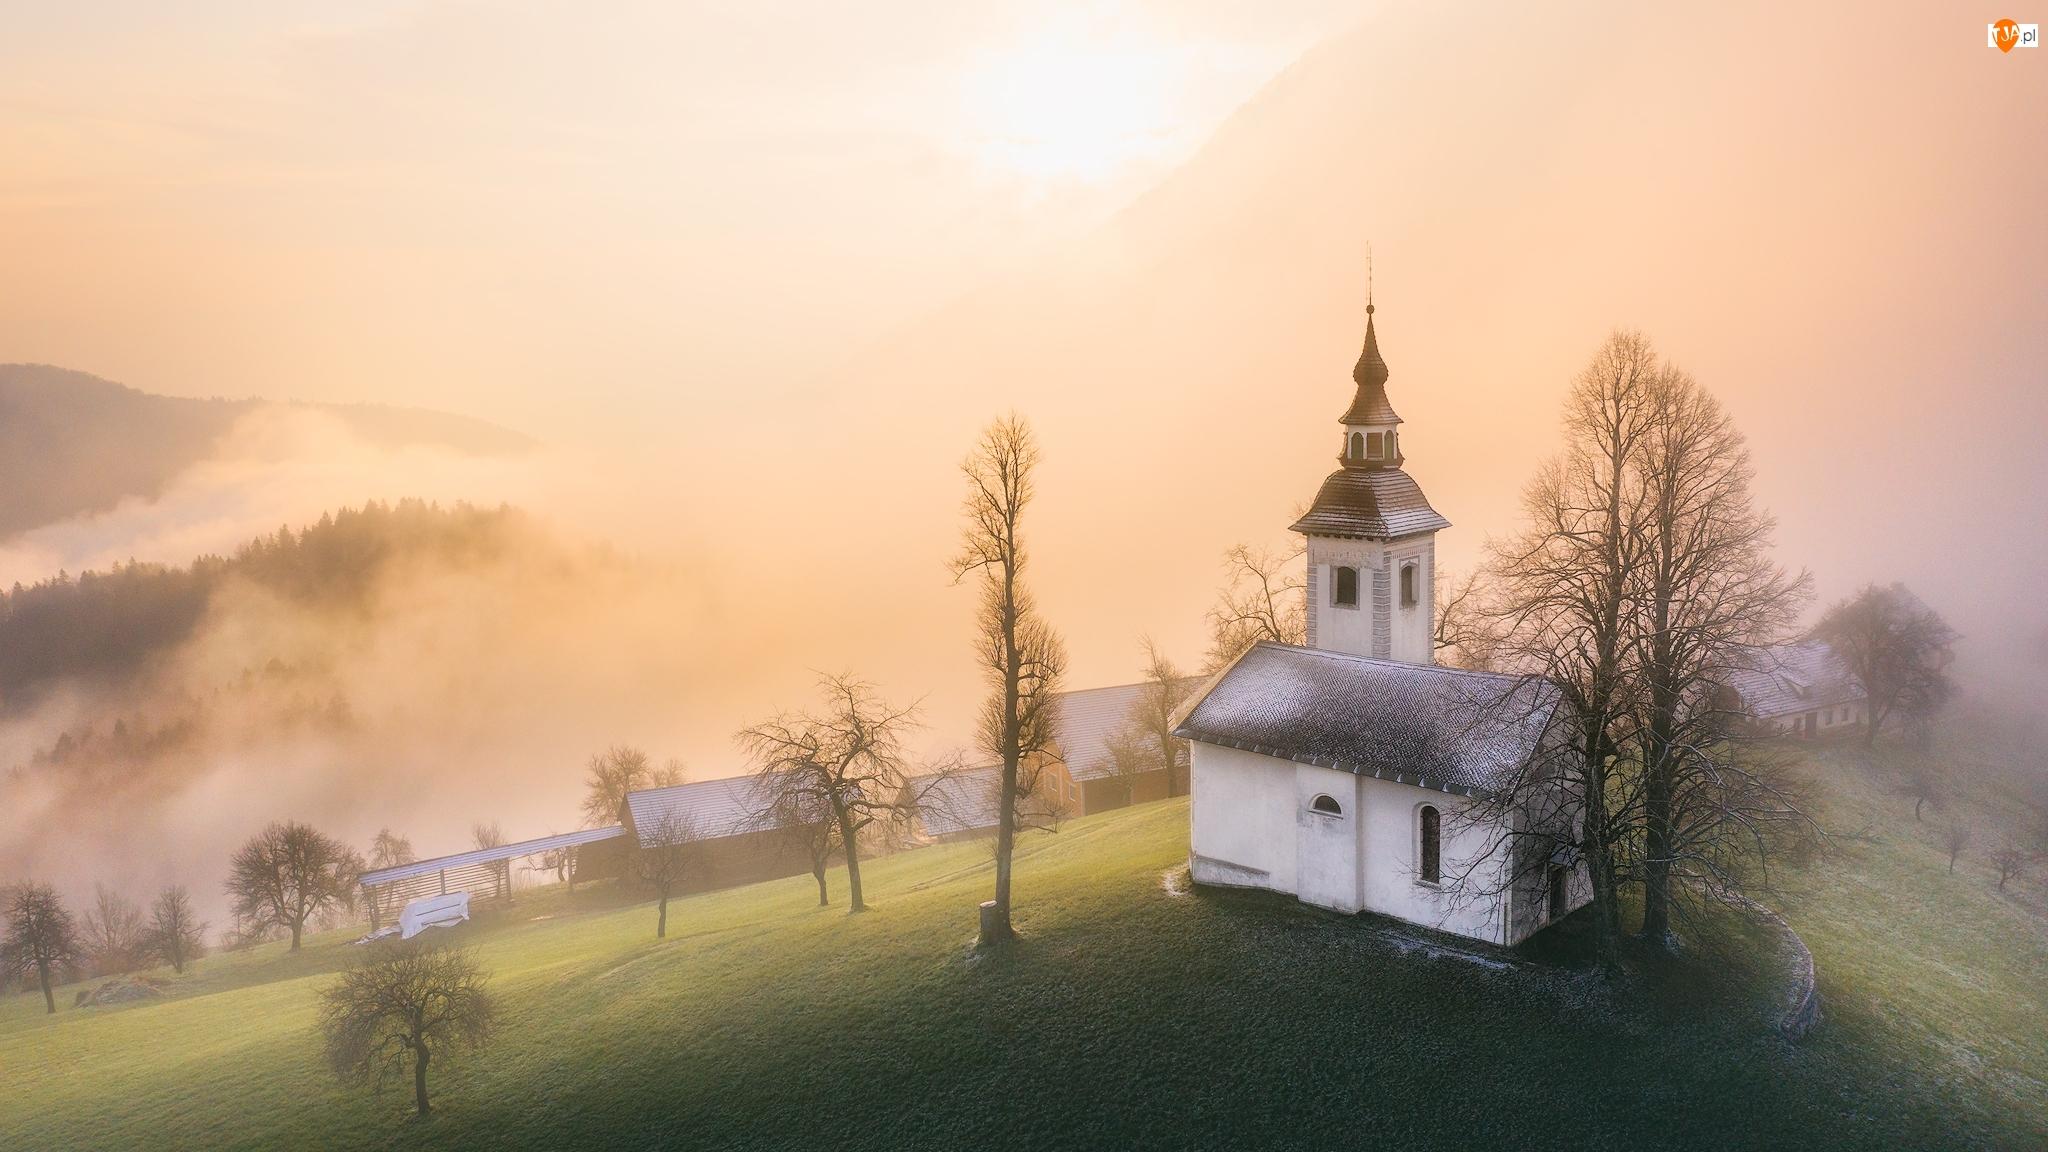 Słowenia, Przebijające światło, Wieś Jamnik, Drzewa, Jesień, Mgła, Wzgórze, Kościół św Primusa i Felicjana, Góry